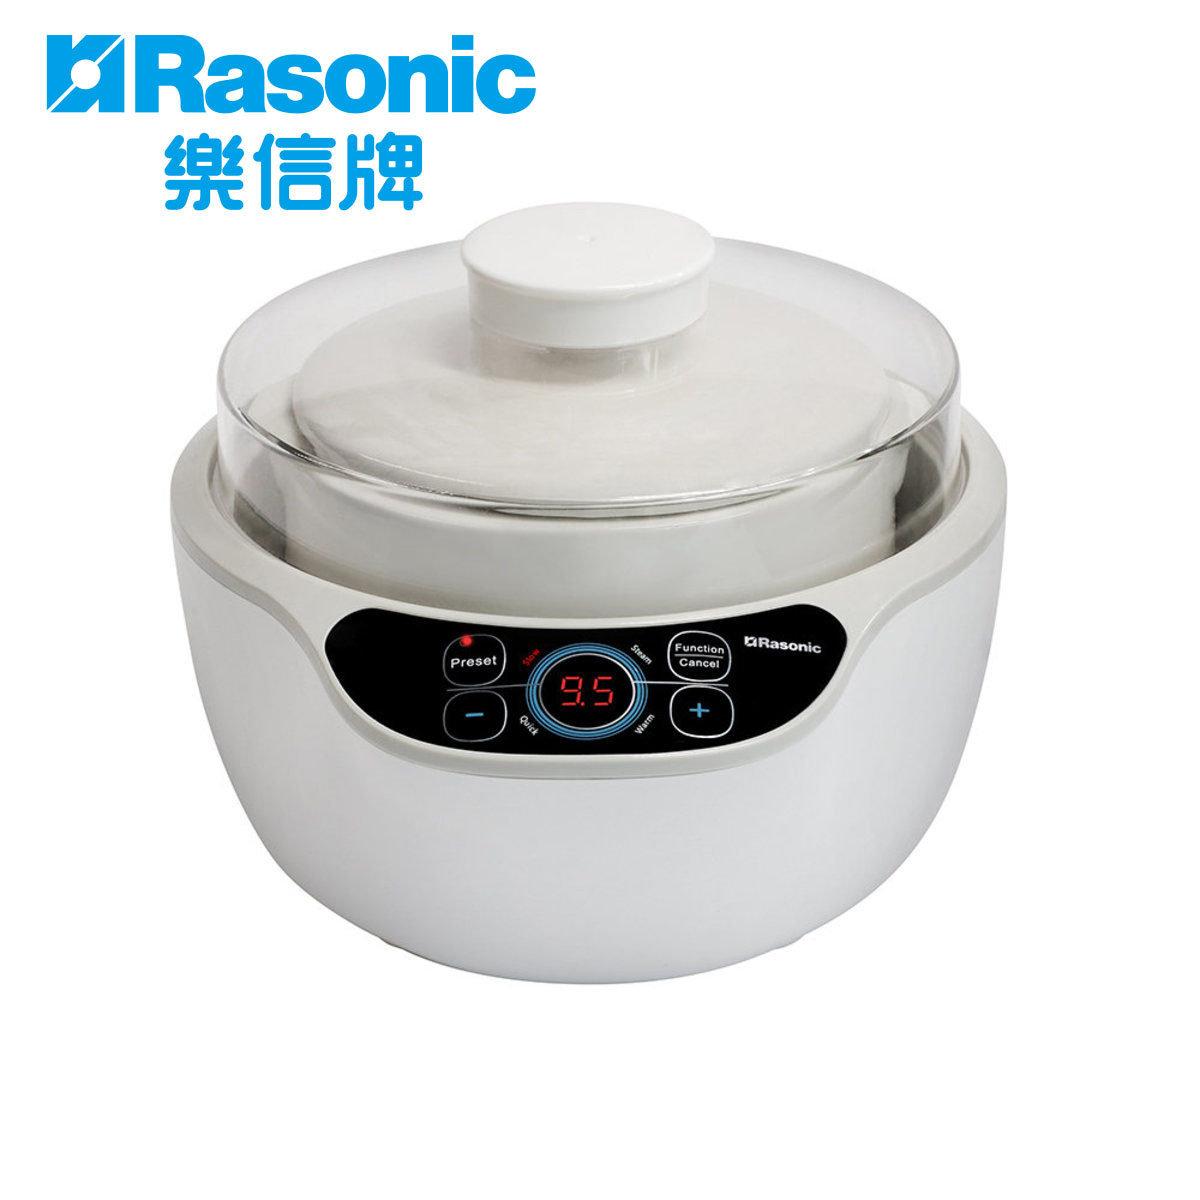 1.2L 陶瓷蒸燉湯煲 - RSS-B12